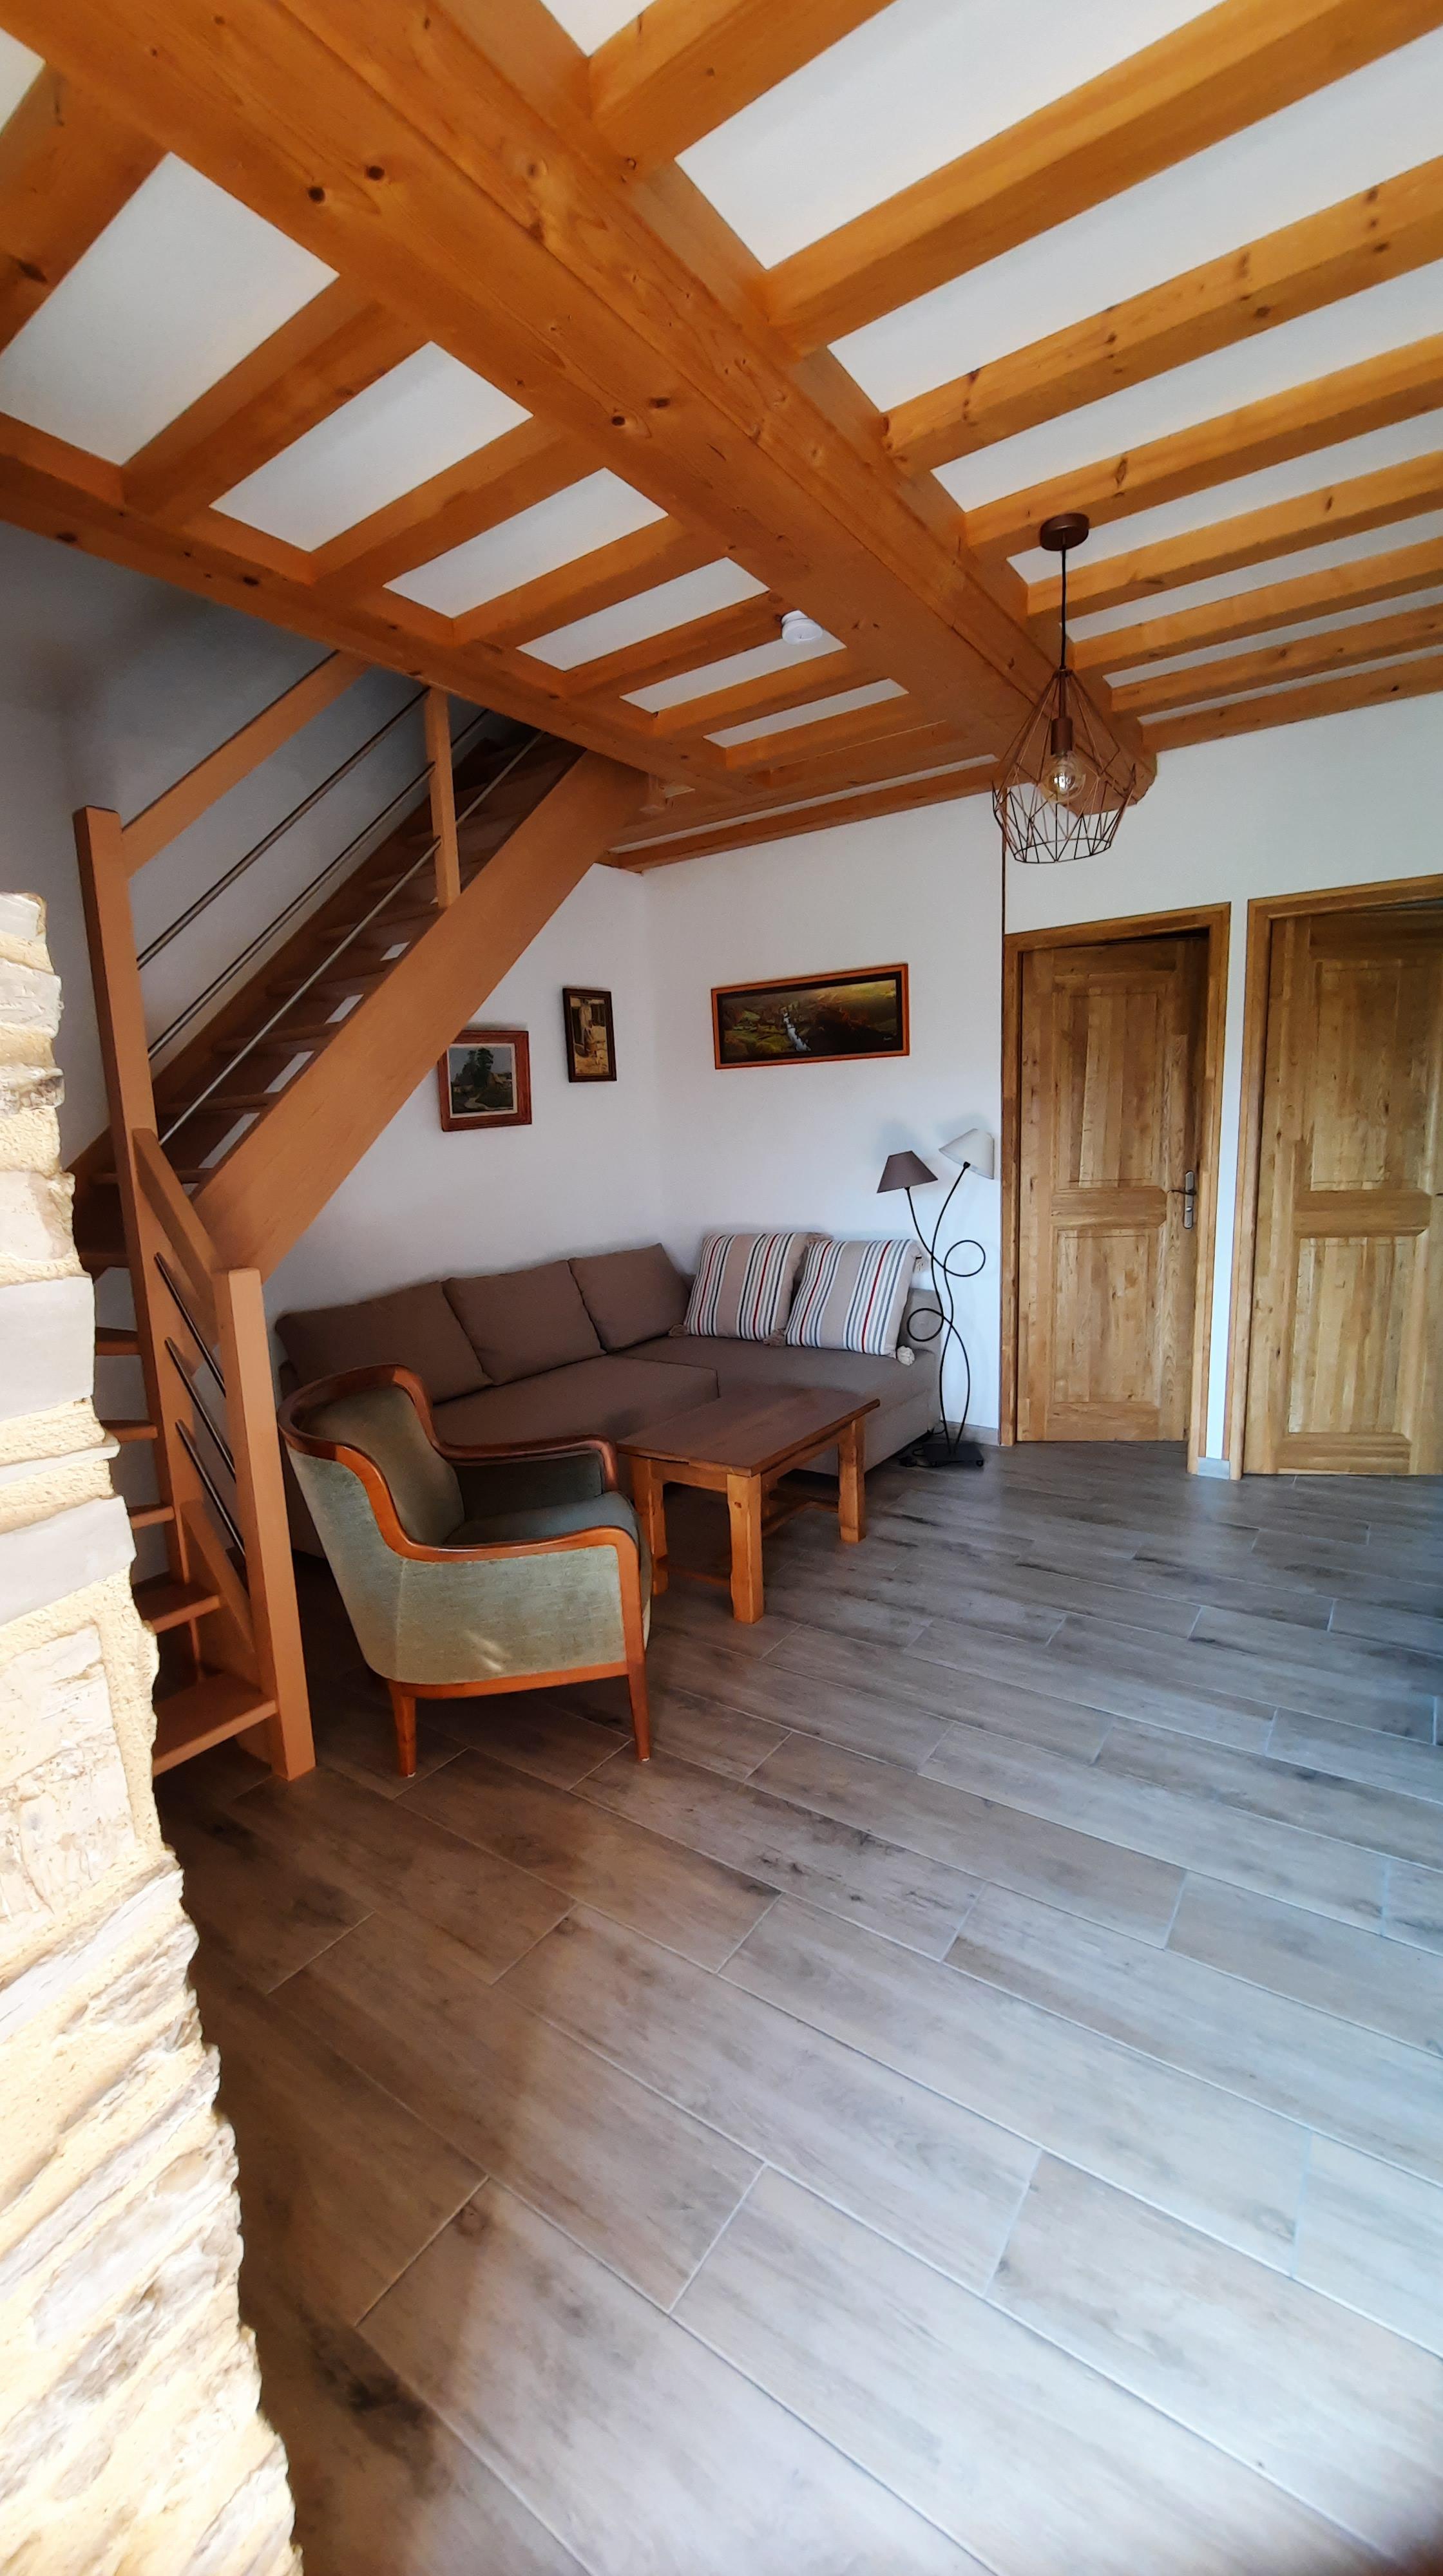 Chambre dans le bocage - le moulin du locheur - espace détente